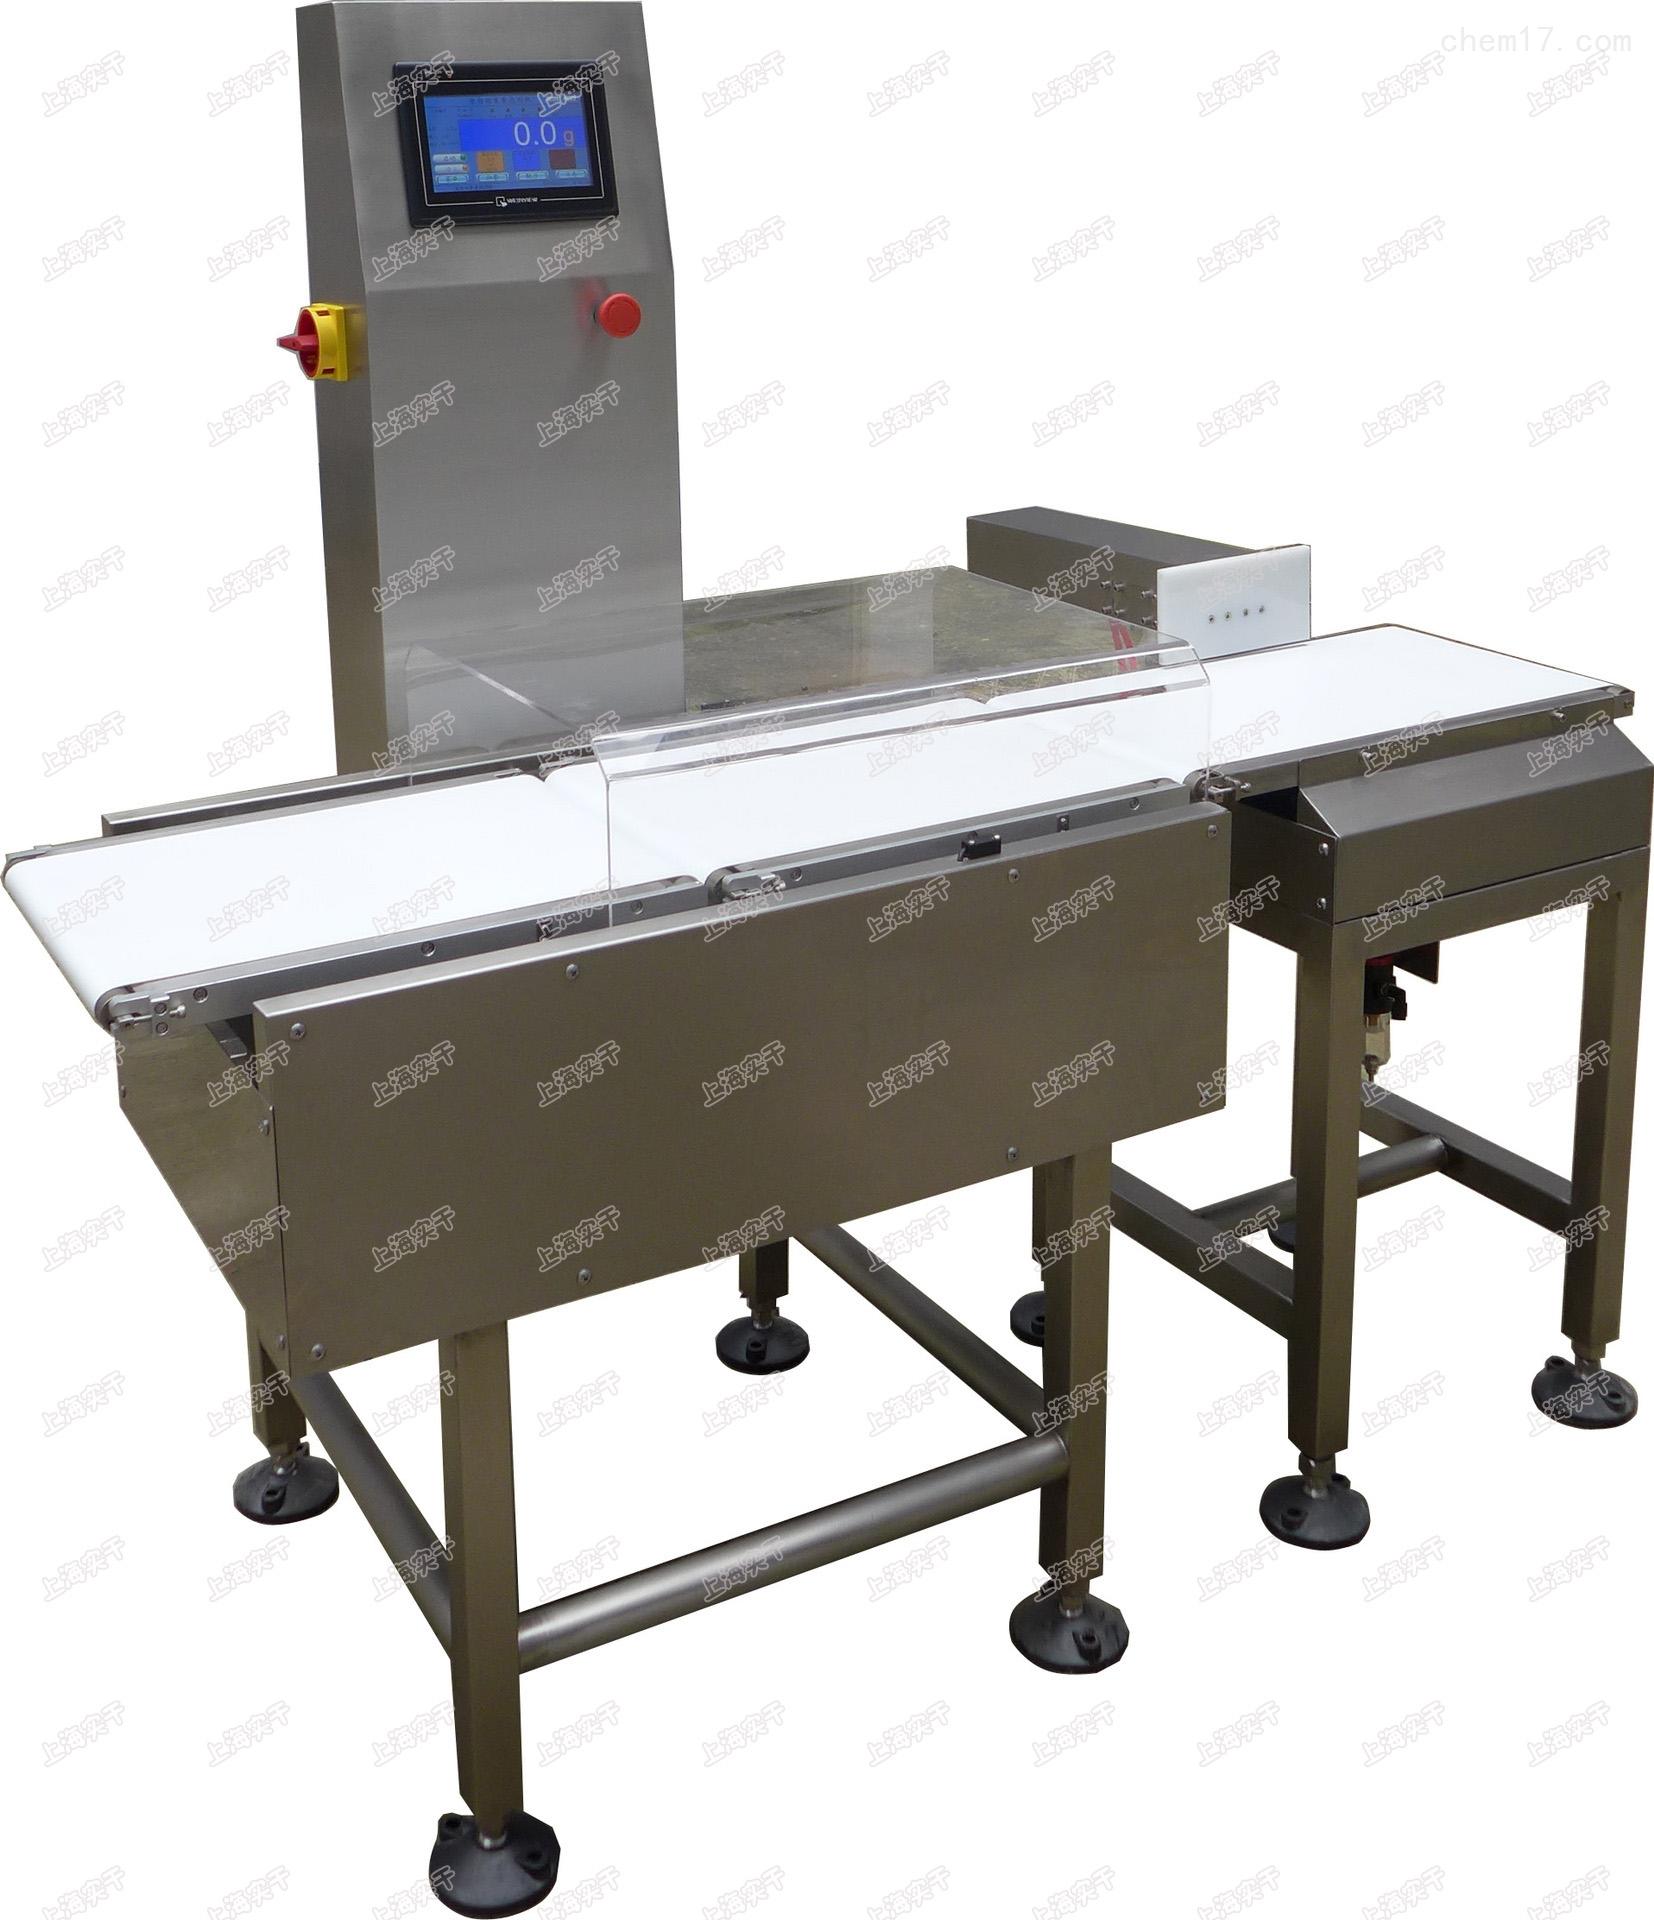 流水线称量检重秤,生产车间称重检测设备